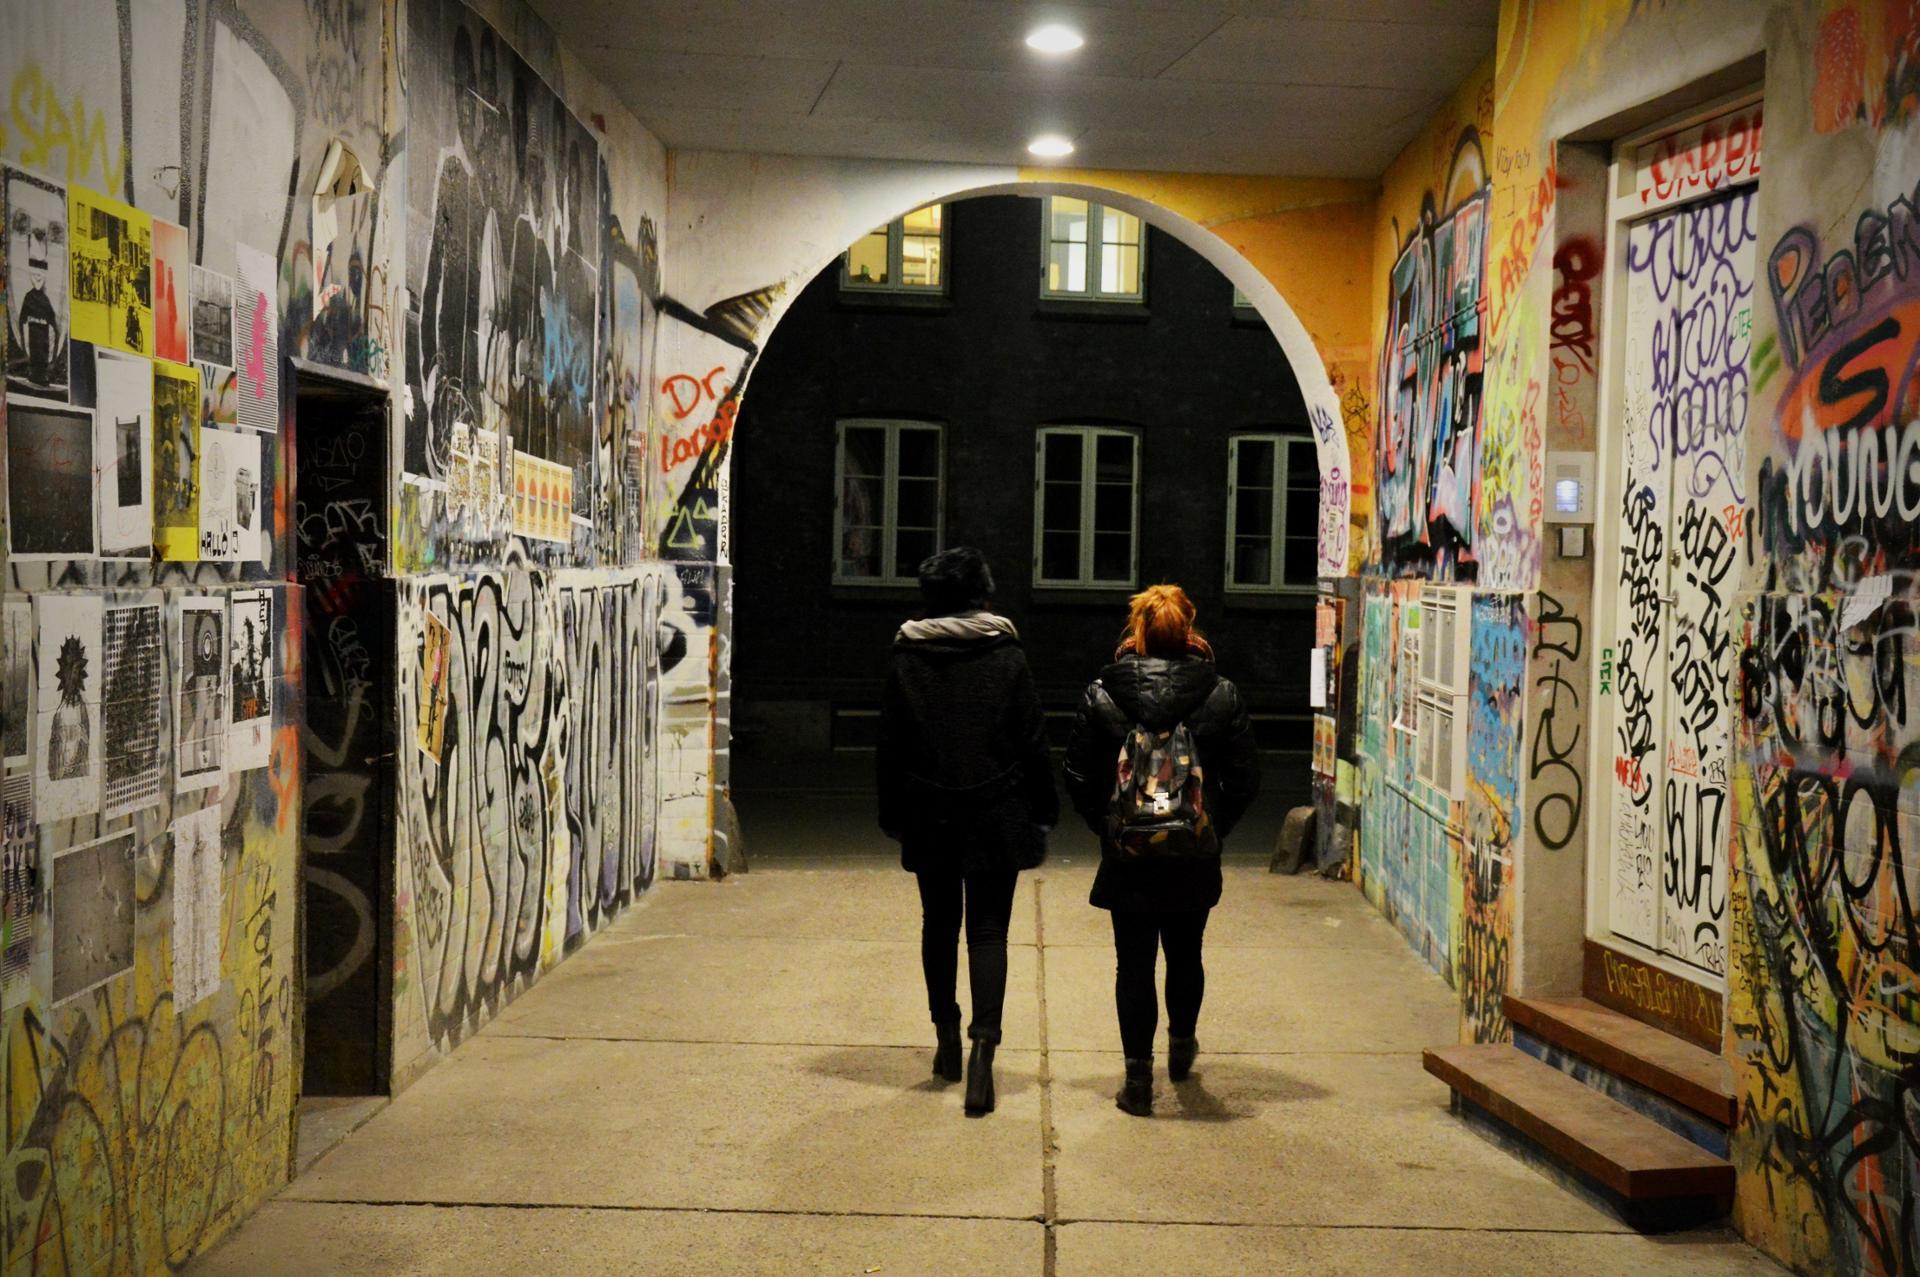 Arche underground